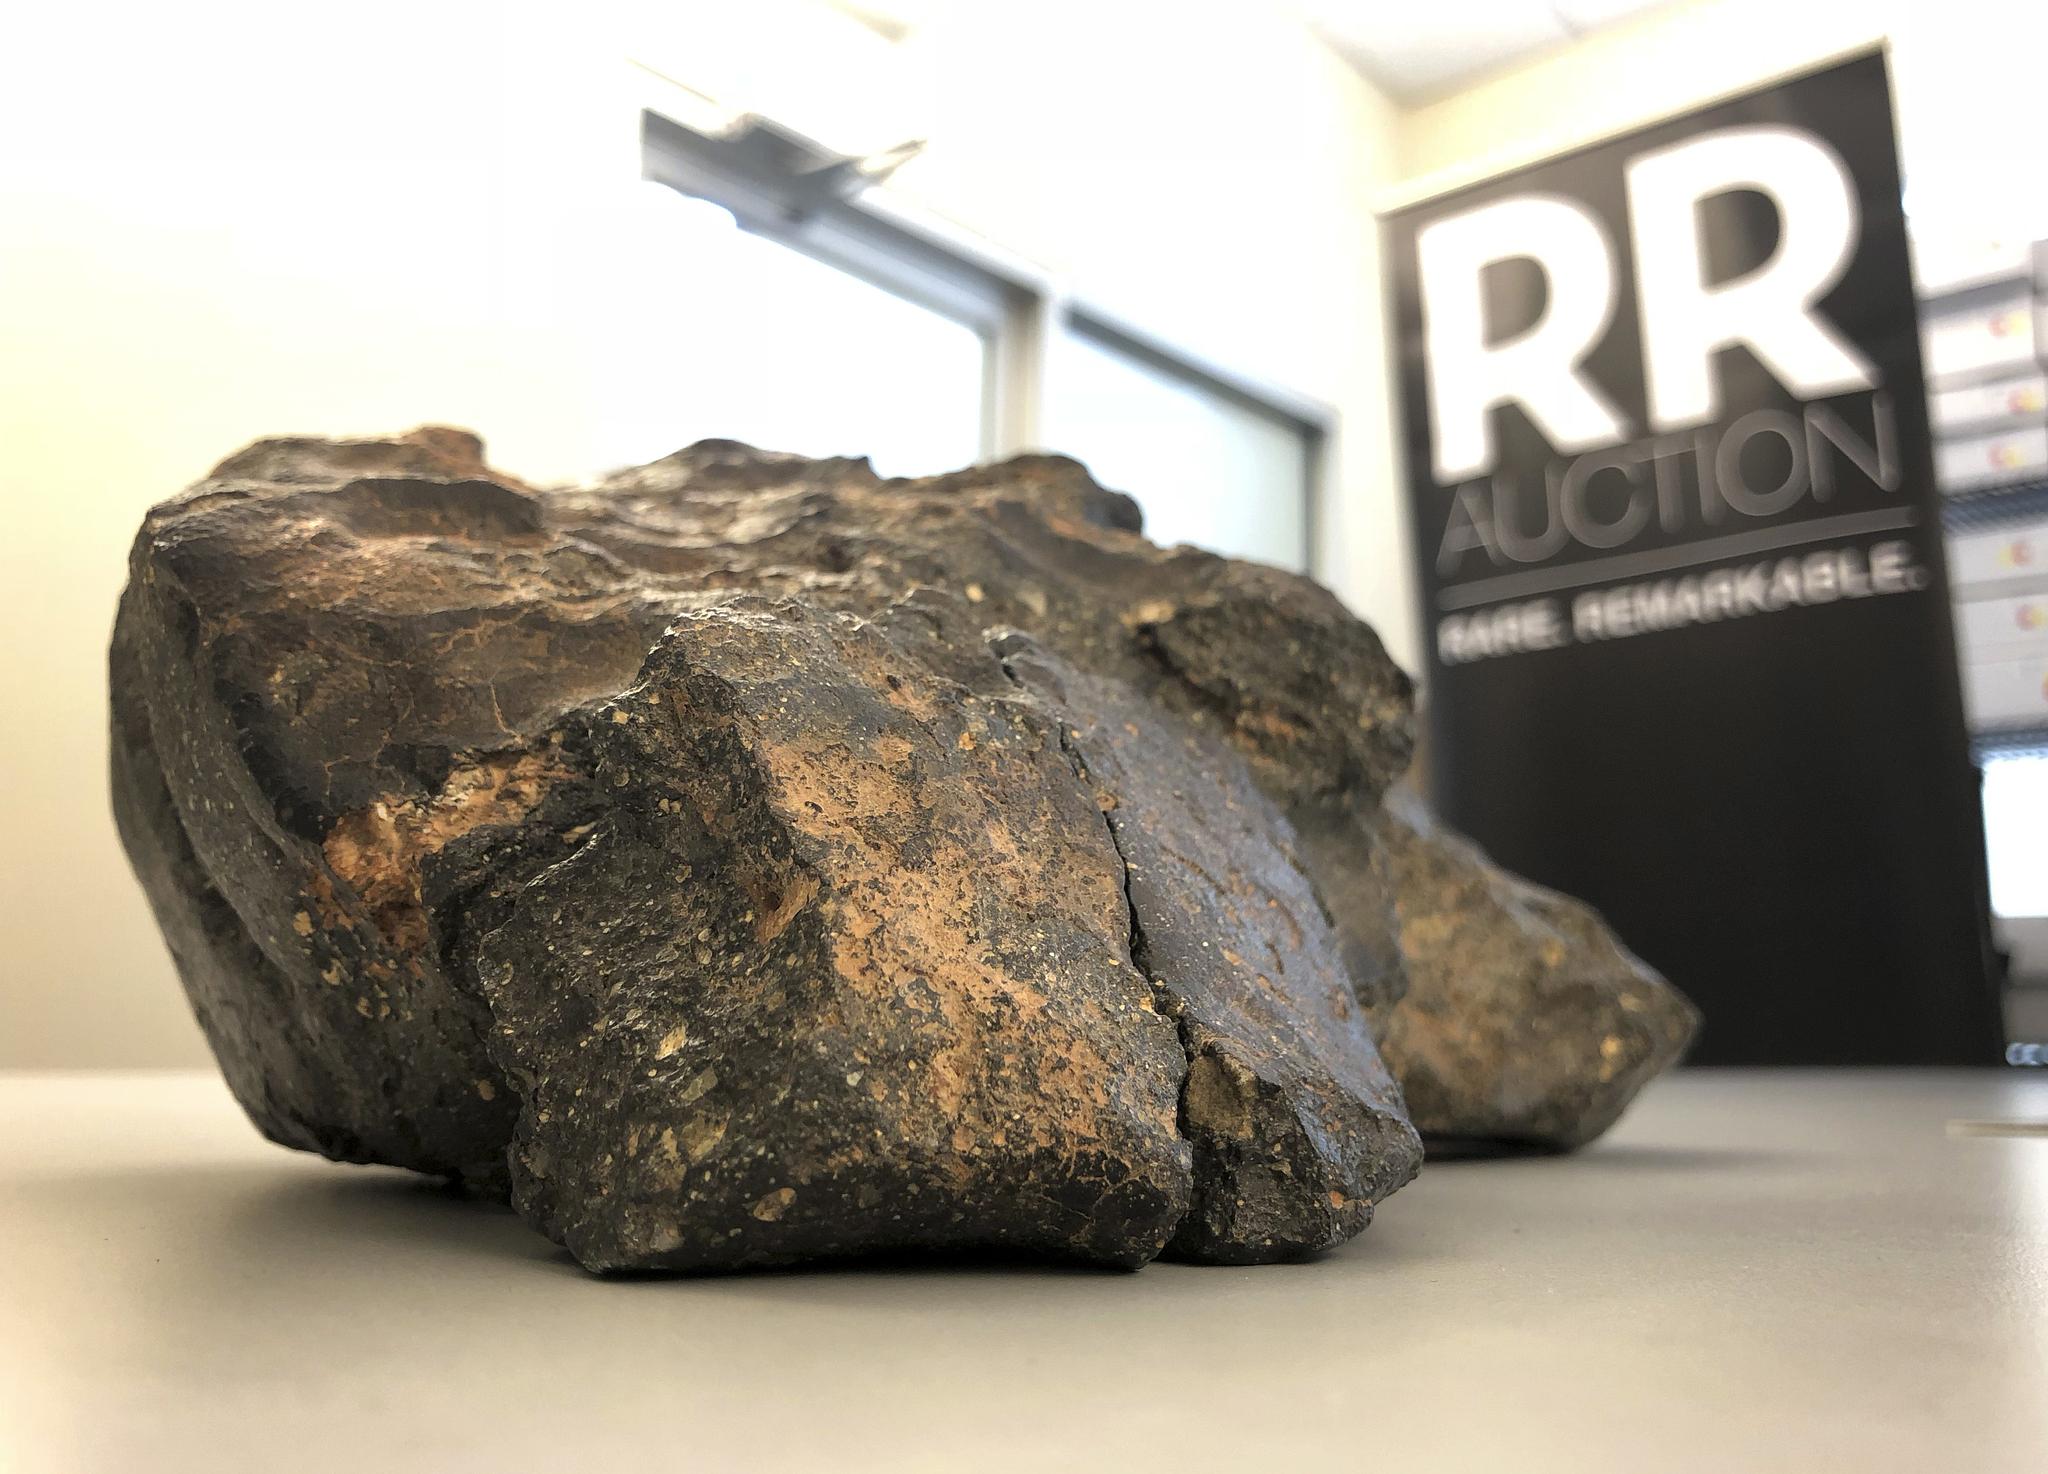 무게 5.5kg의 달 운석이 온라인 경매에 나왔다. 일명 '부아그바'로 불리는 이 운석은 작년 아프리카에서 발견됐다. 공식명칭은 NWA11789이다.[AP=연합뉴스]